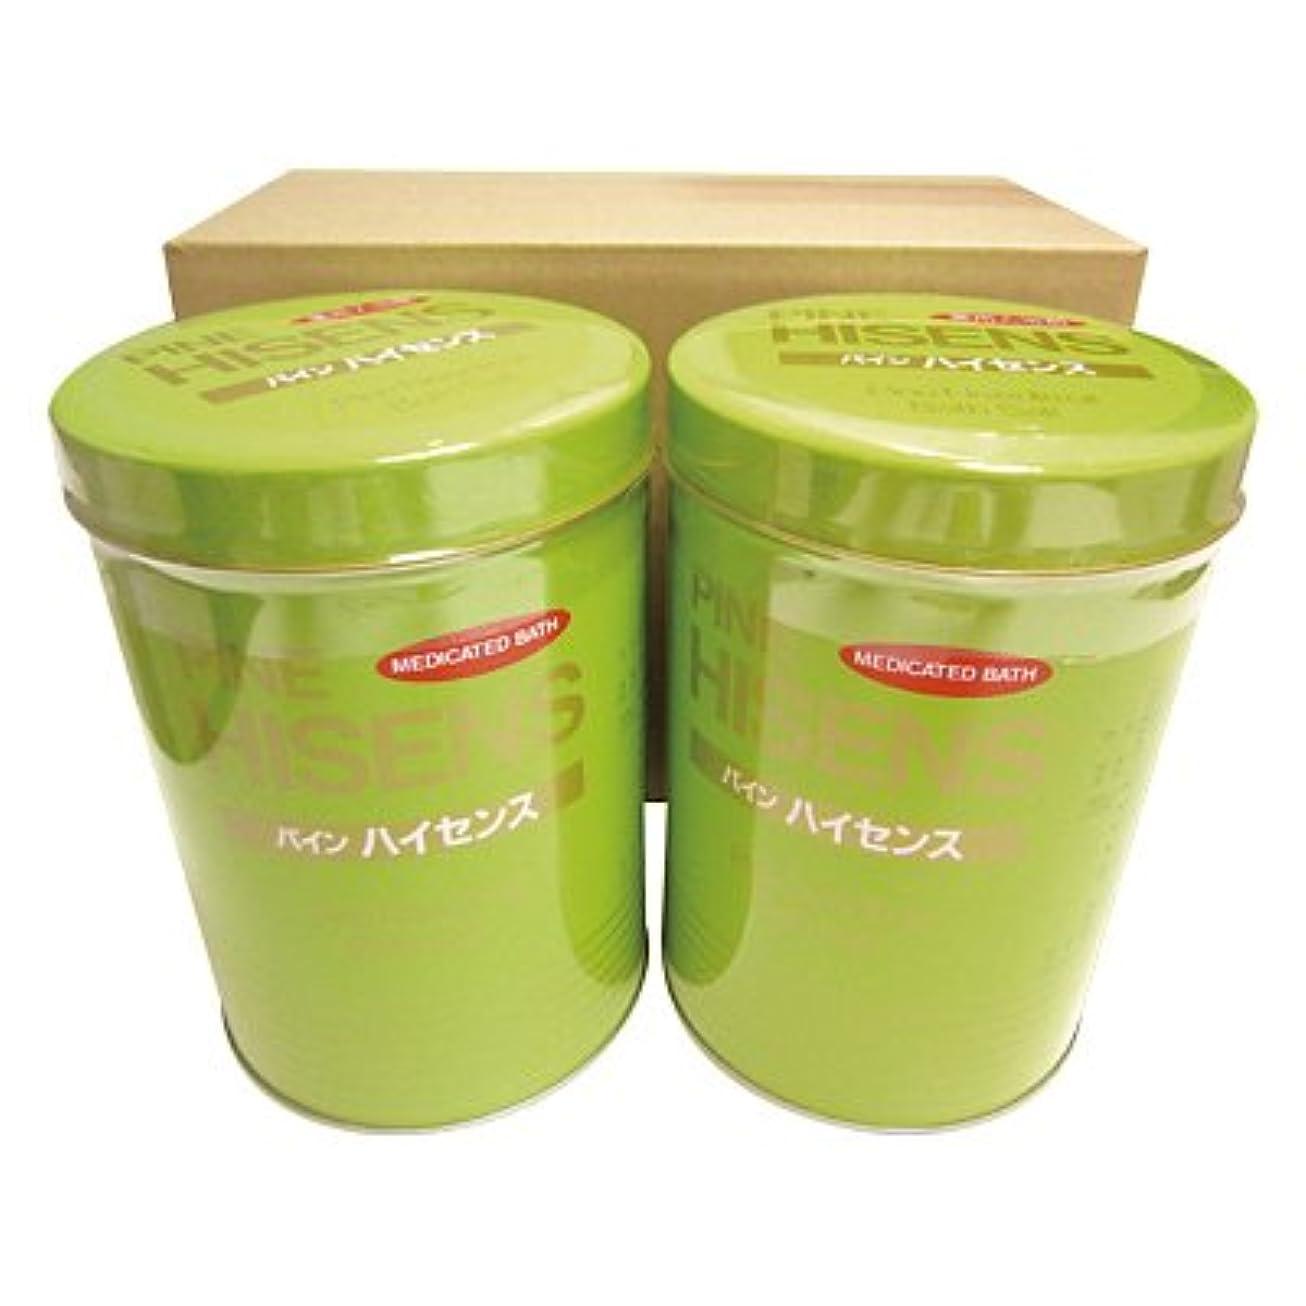 安西トレーニング保有者高陽社 薬用入浴剤 パインハイセンス 2.1kg 2缶セット